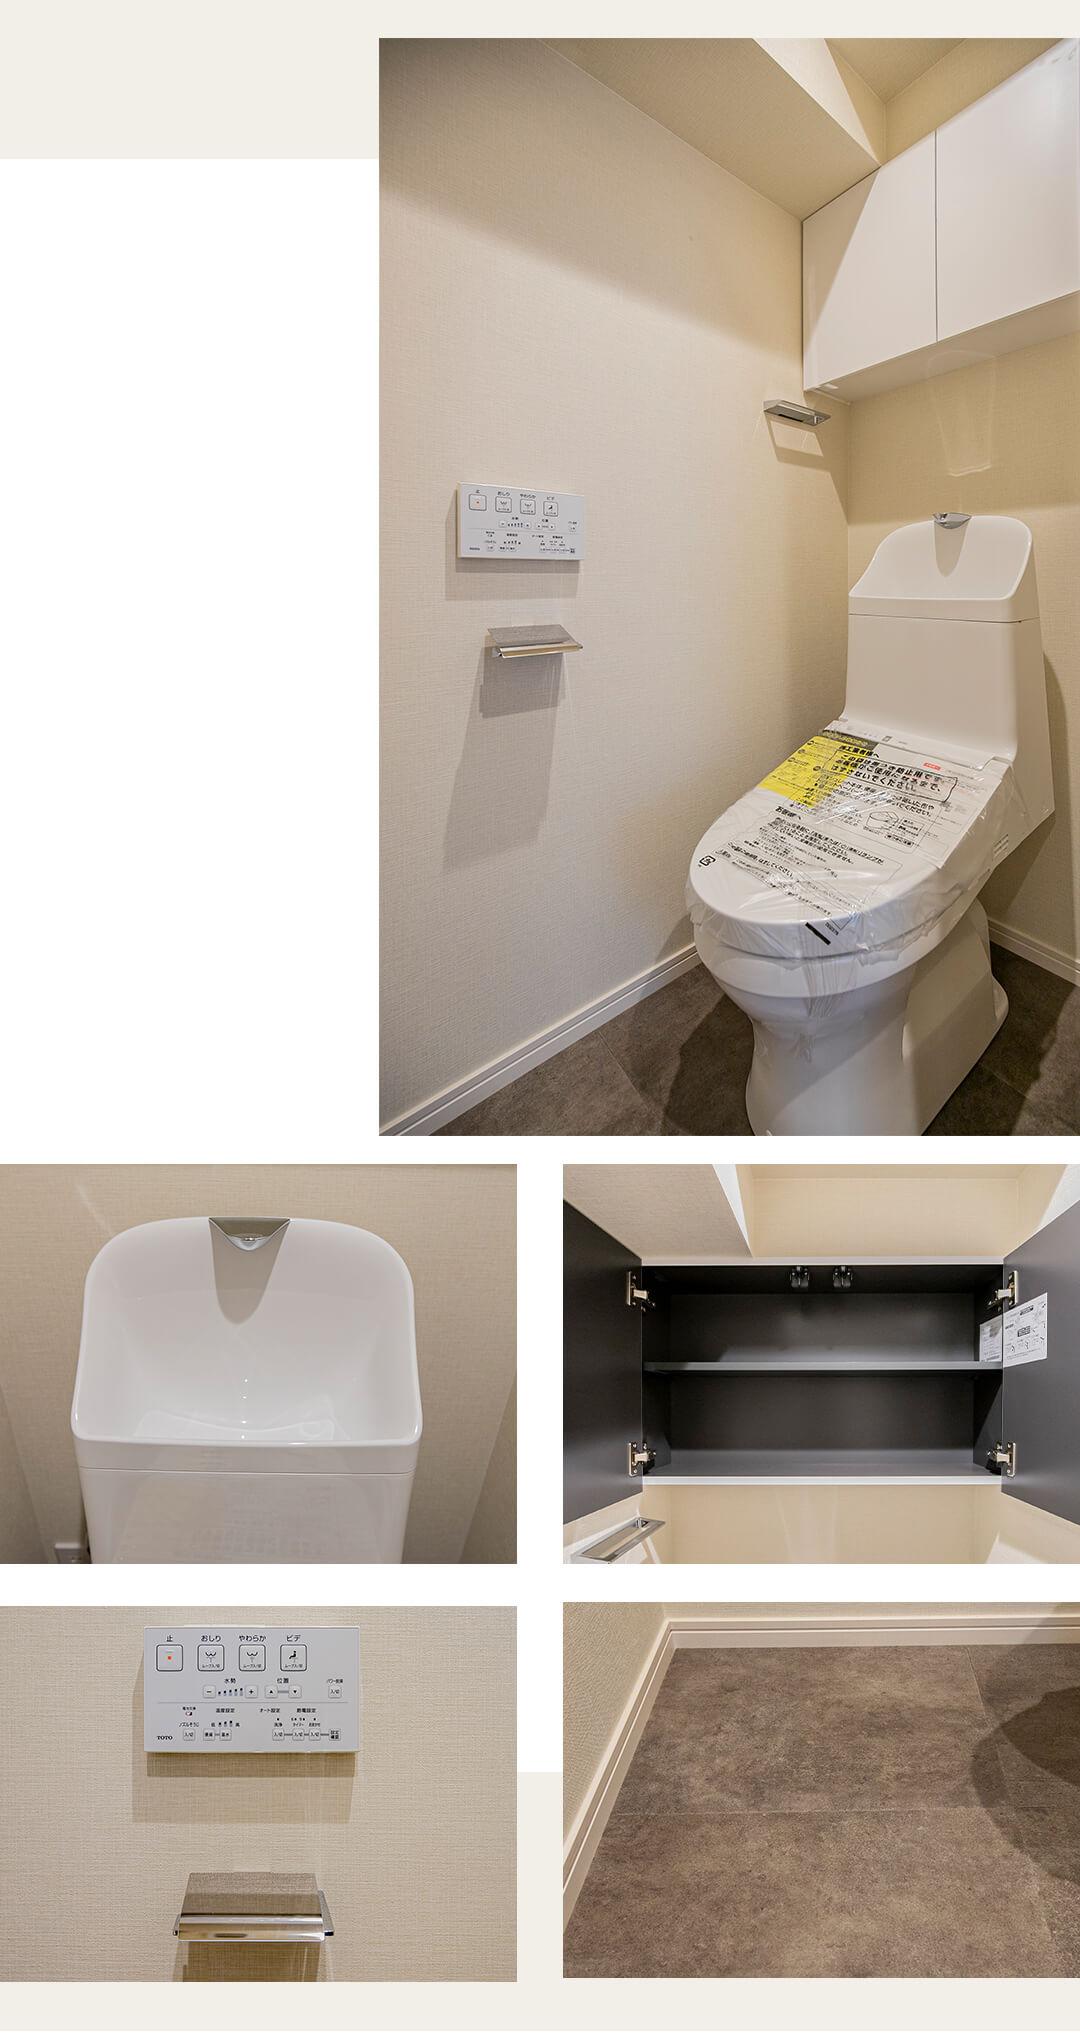 ノーブル音羽のトイレ